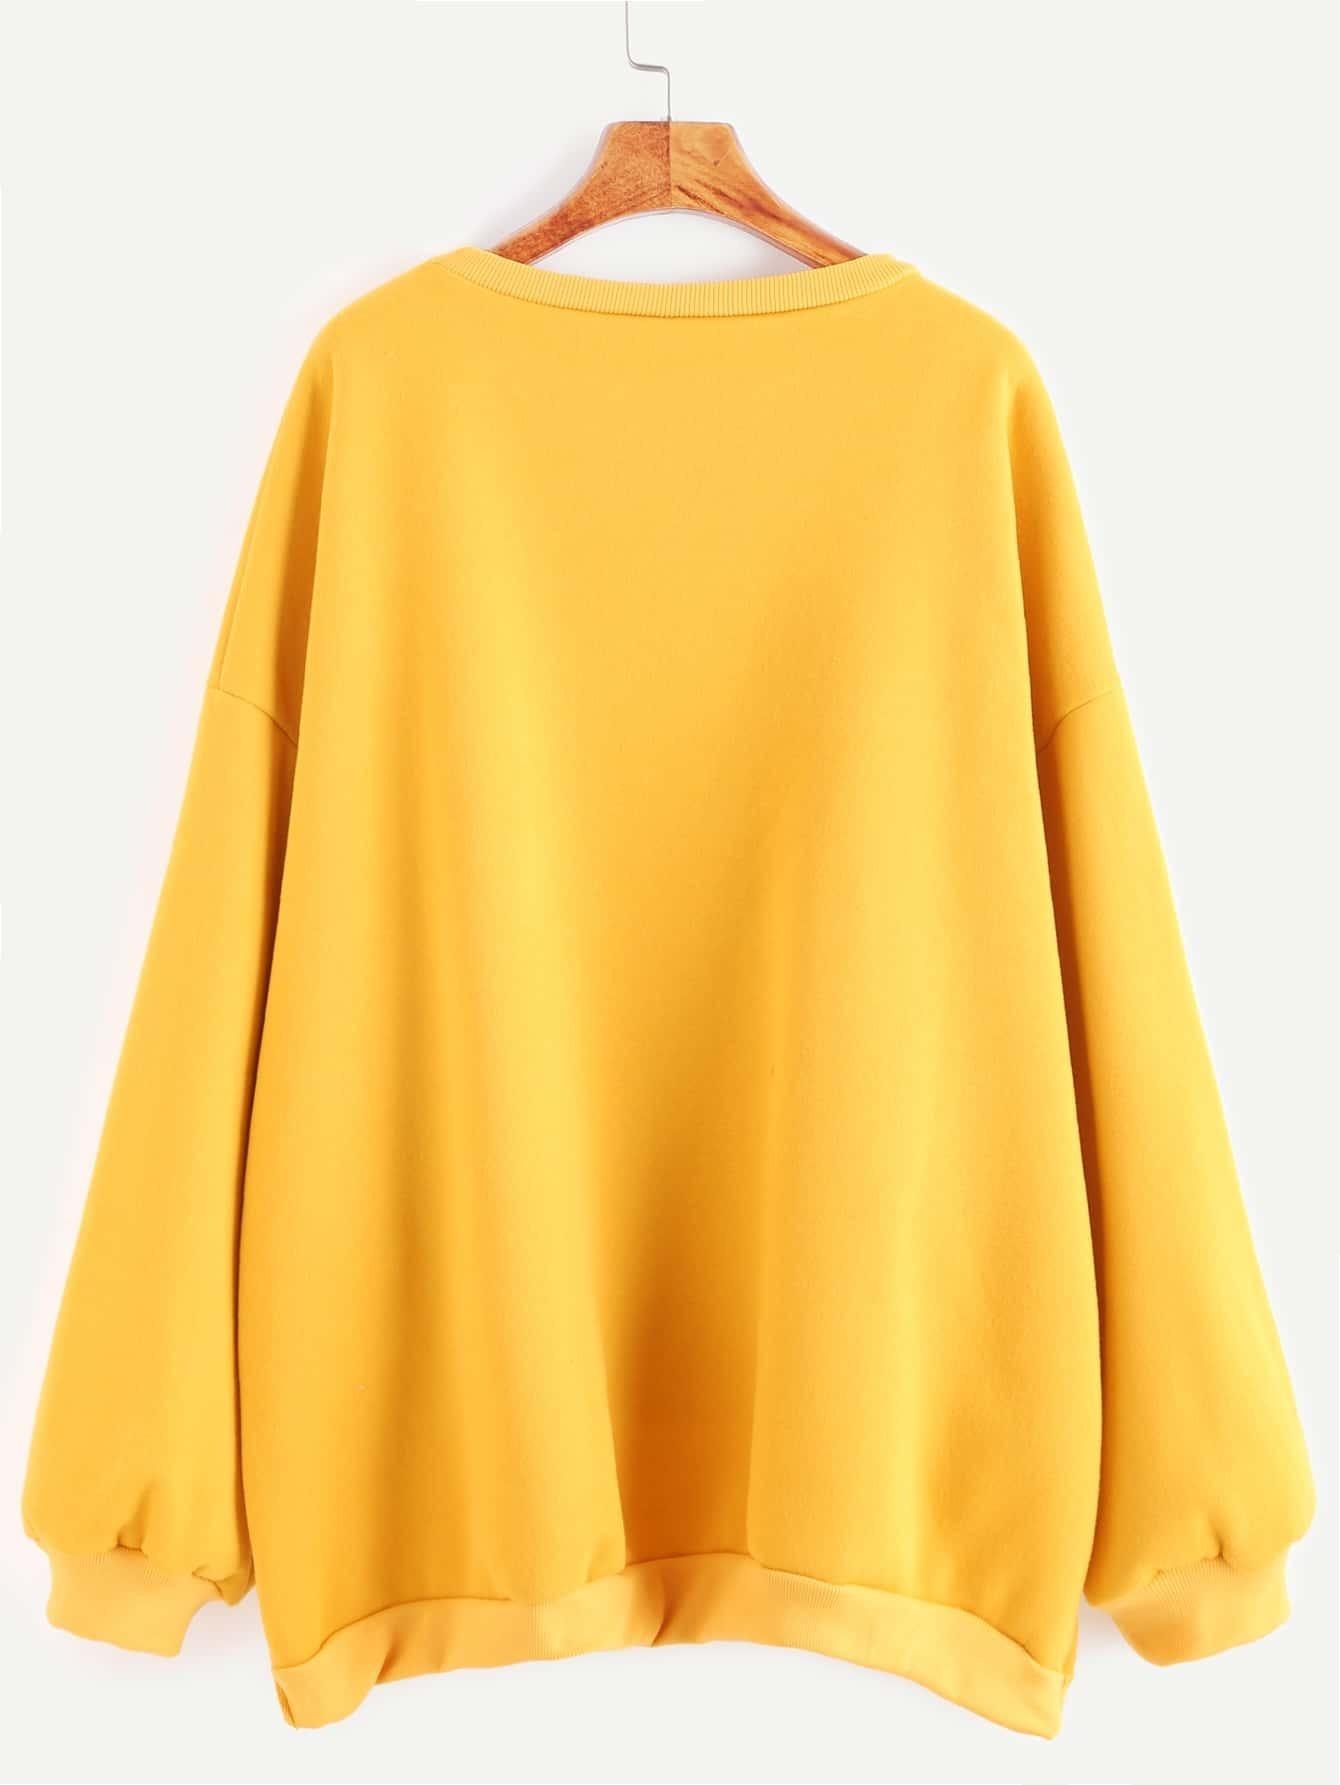 sweatshirt drop schulter vorne kurz hinten lang gelb german romwe. Black Bedroom Furniture Sets. Home Design Ideas